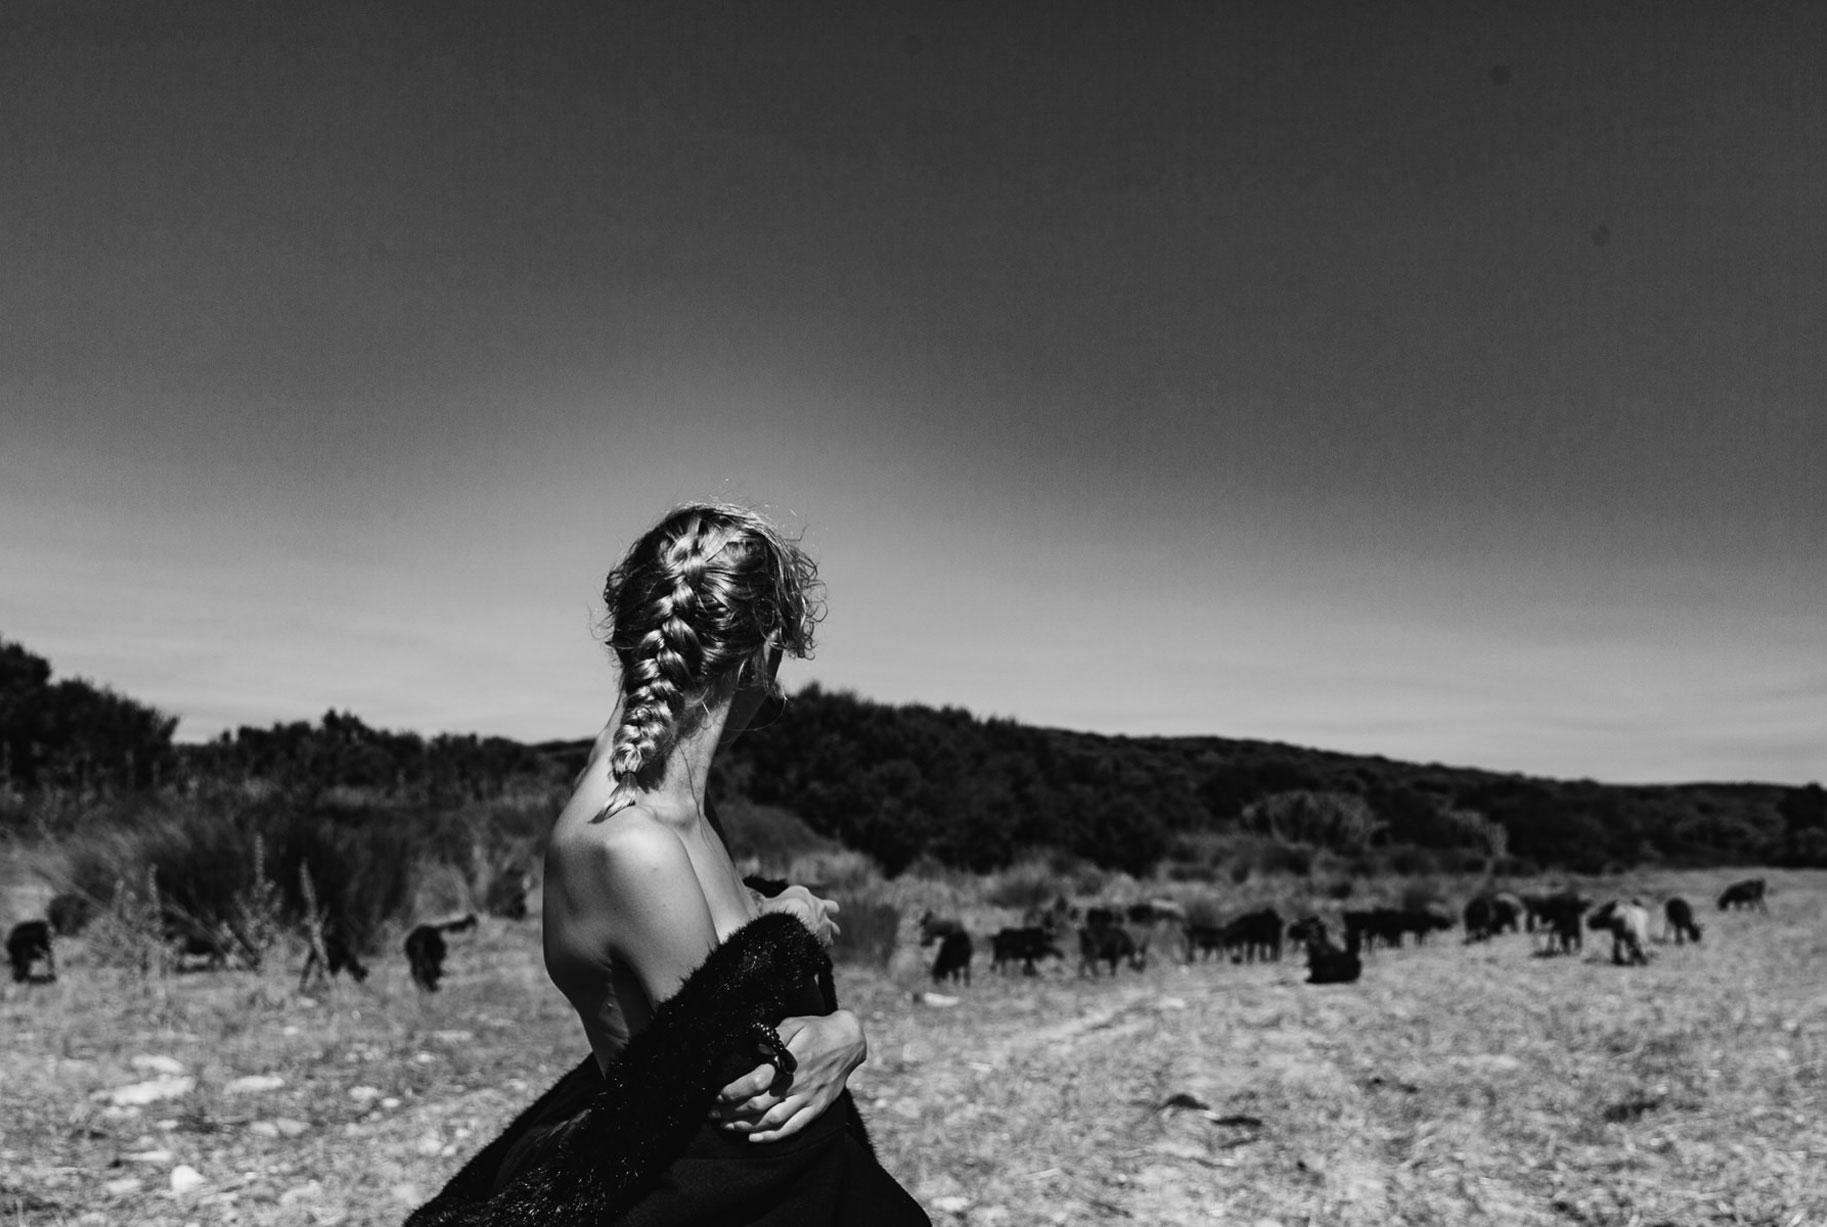 Яна на поле с пасущимися козлами и коровами / фото 18